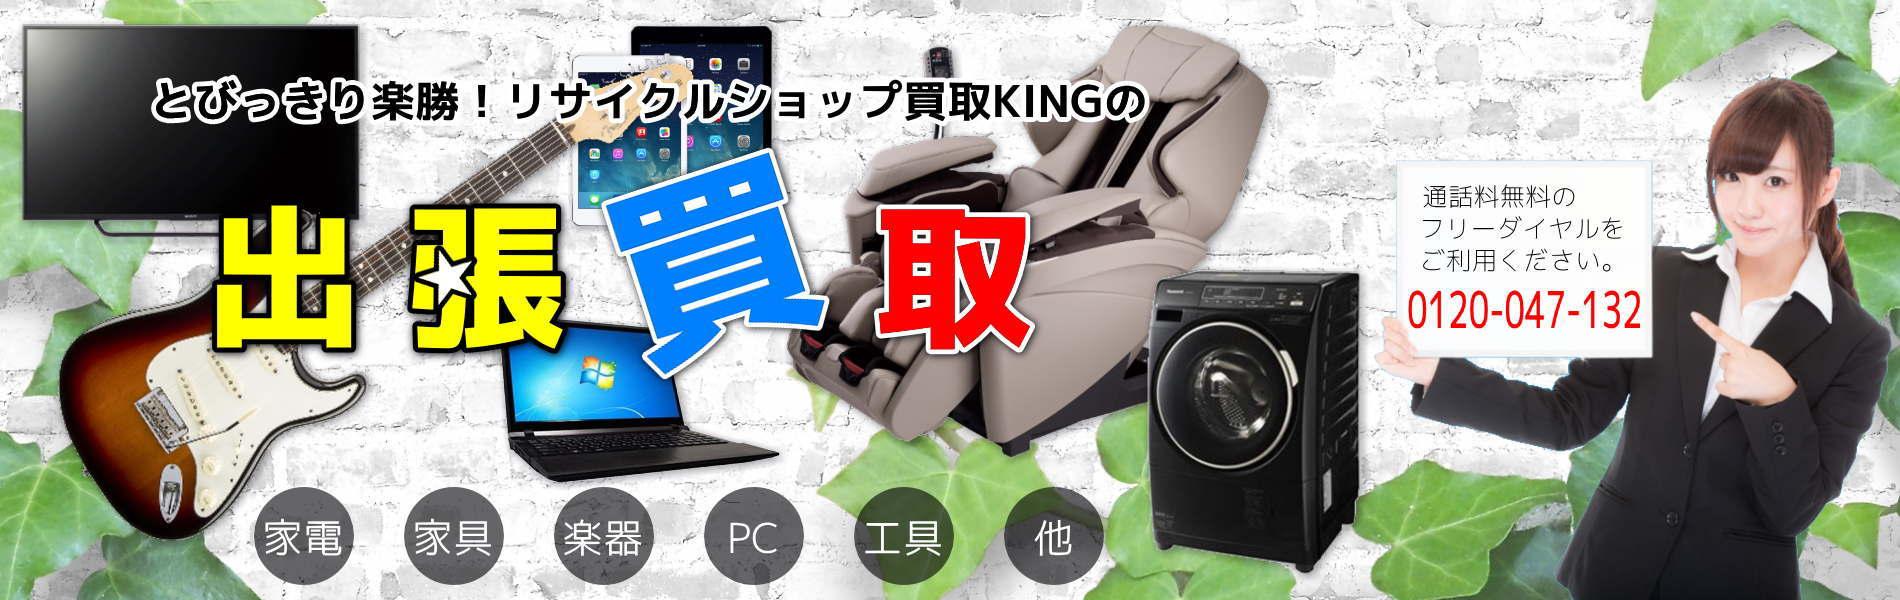 リサイクルショップなら大阪の買取KING